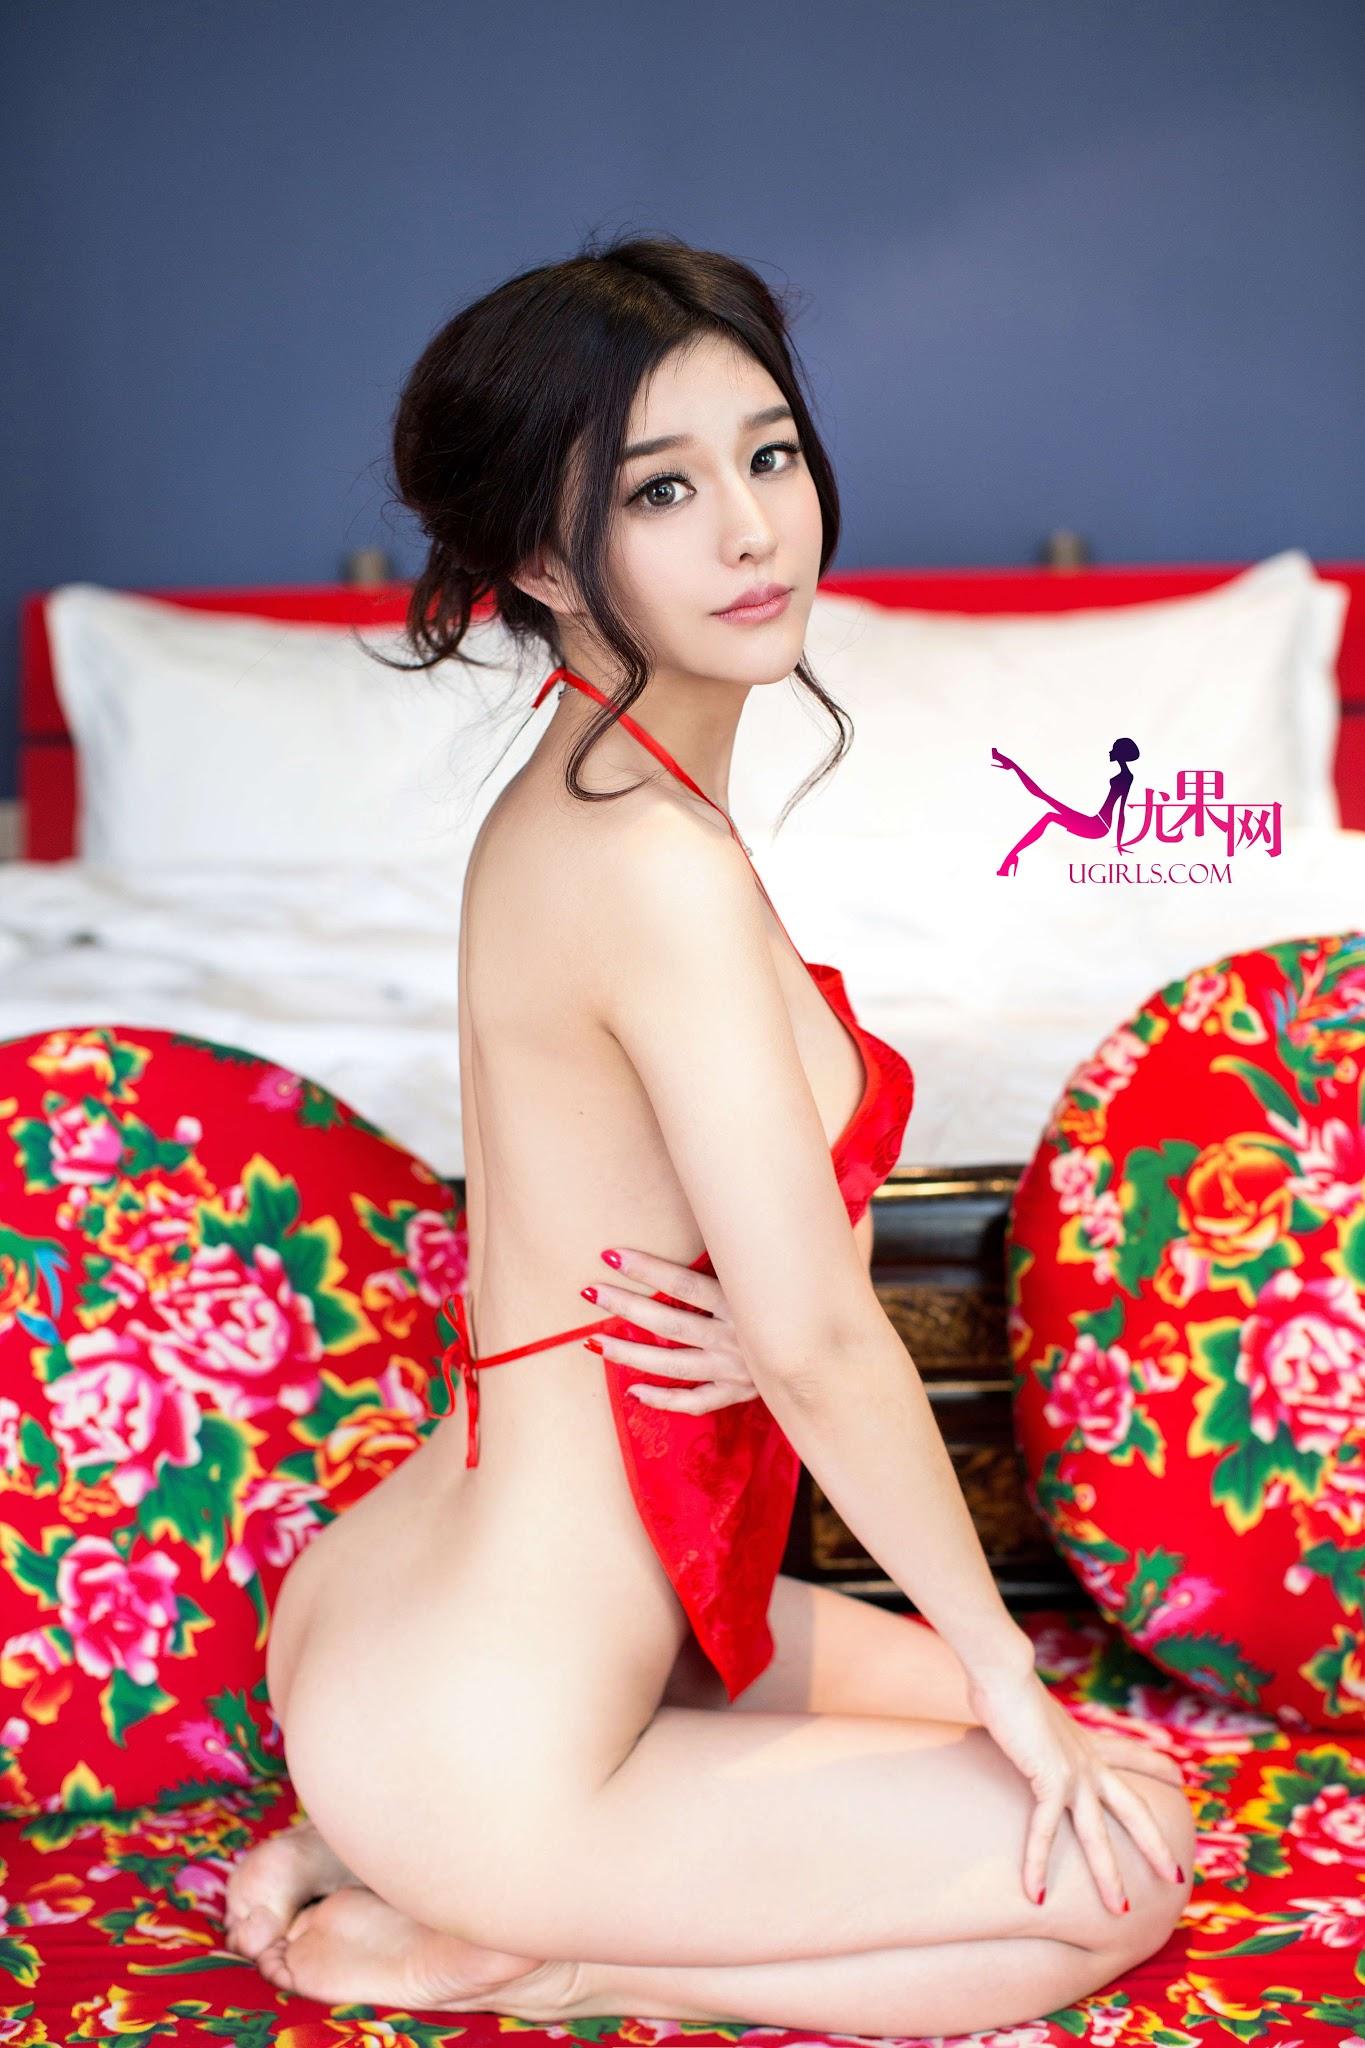 Do u like big saggy tits - 2 1